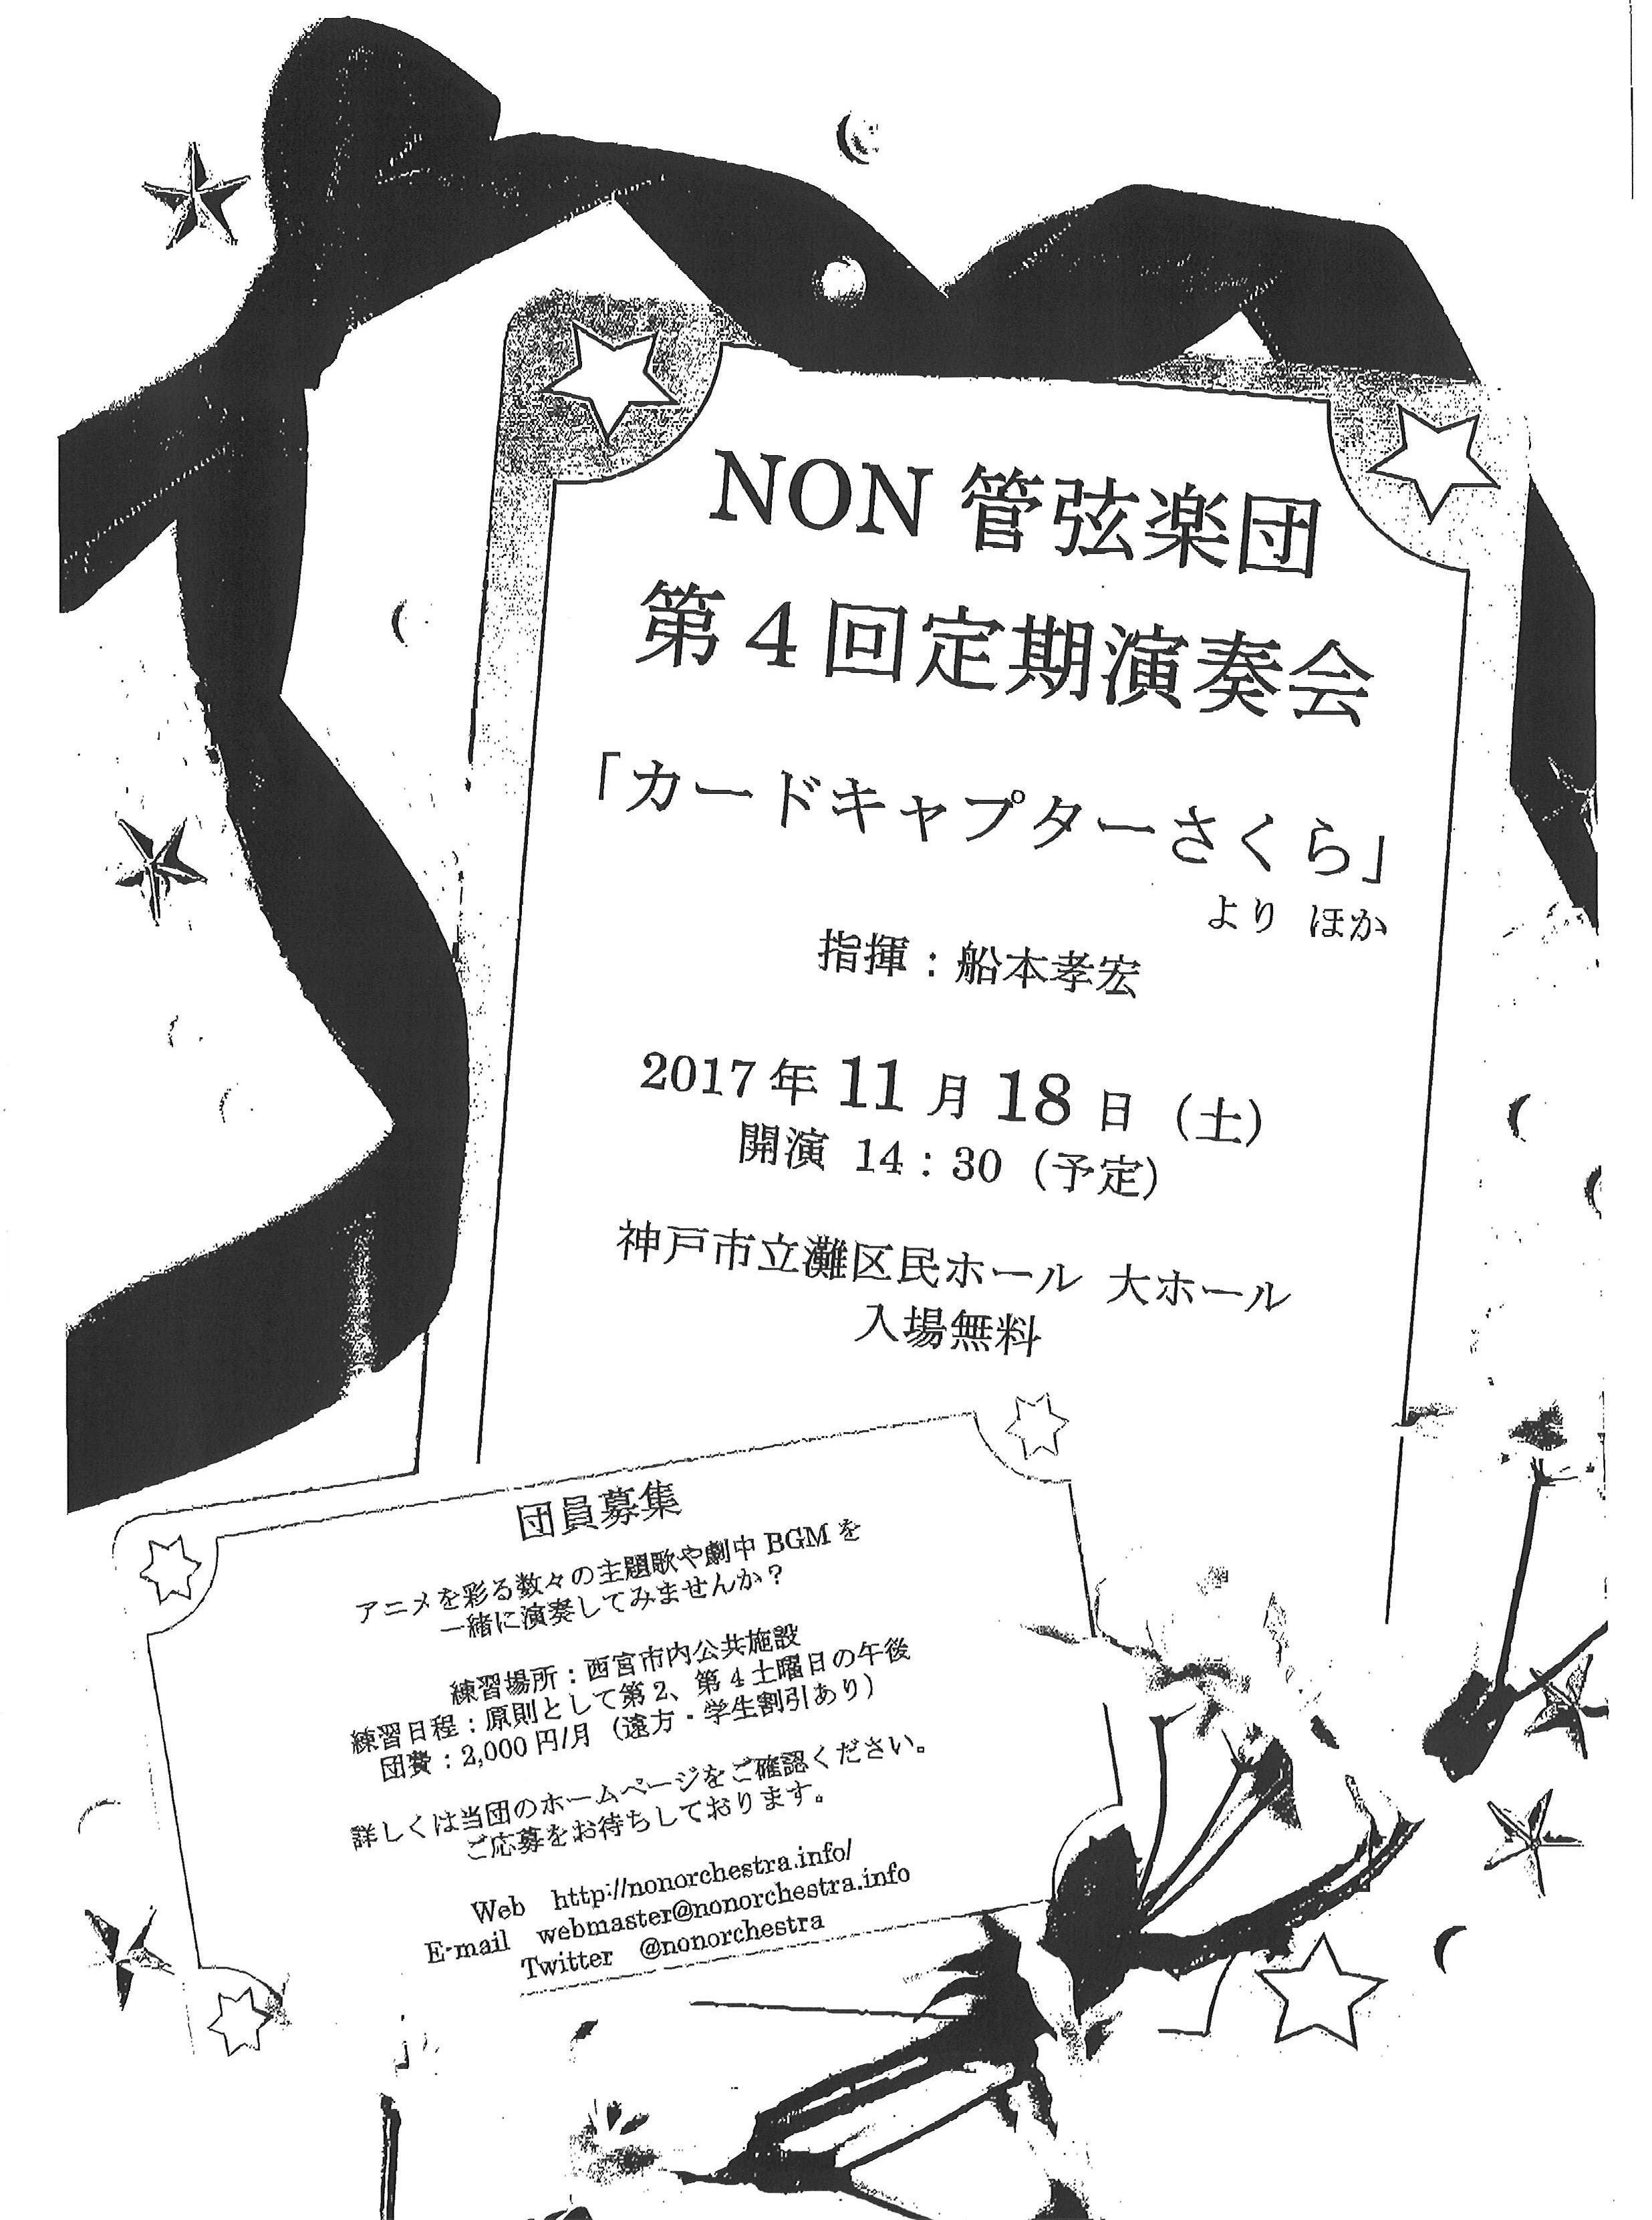 NON管弦楽団 第4回定期演奏会